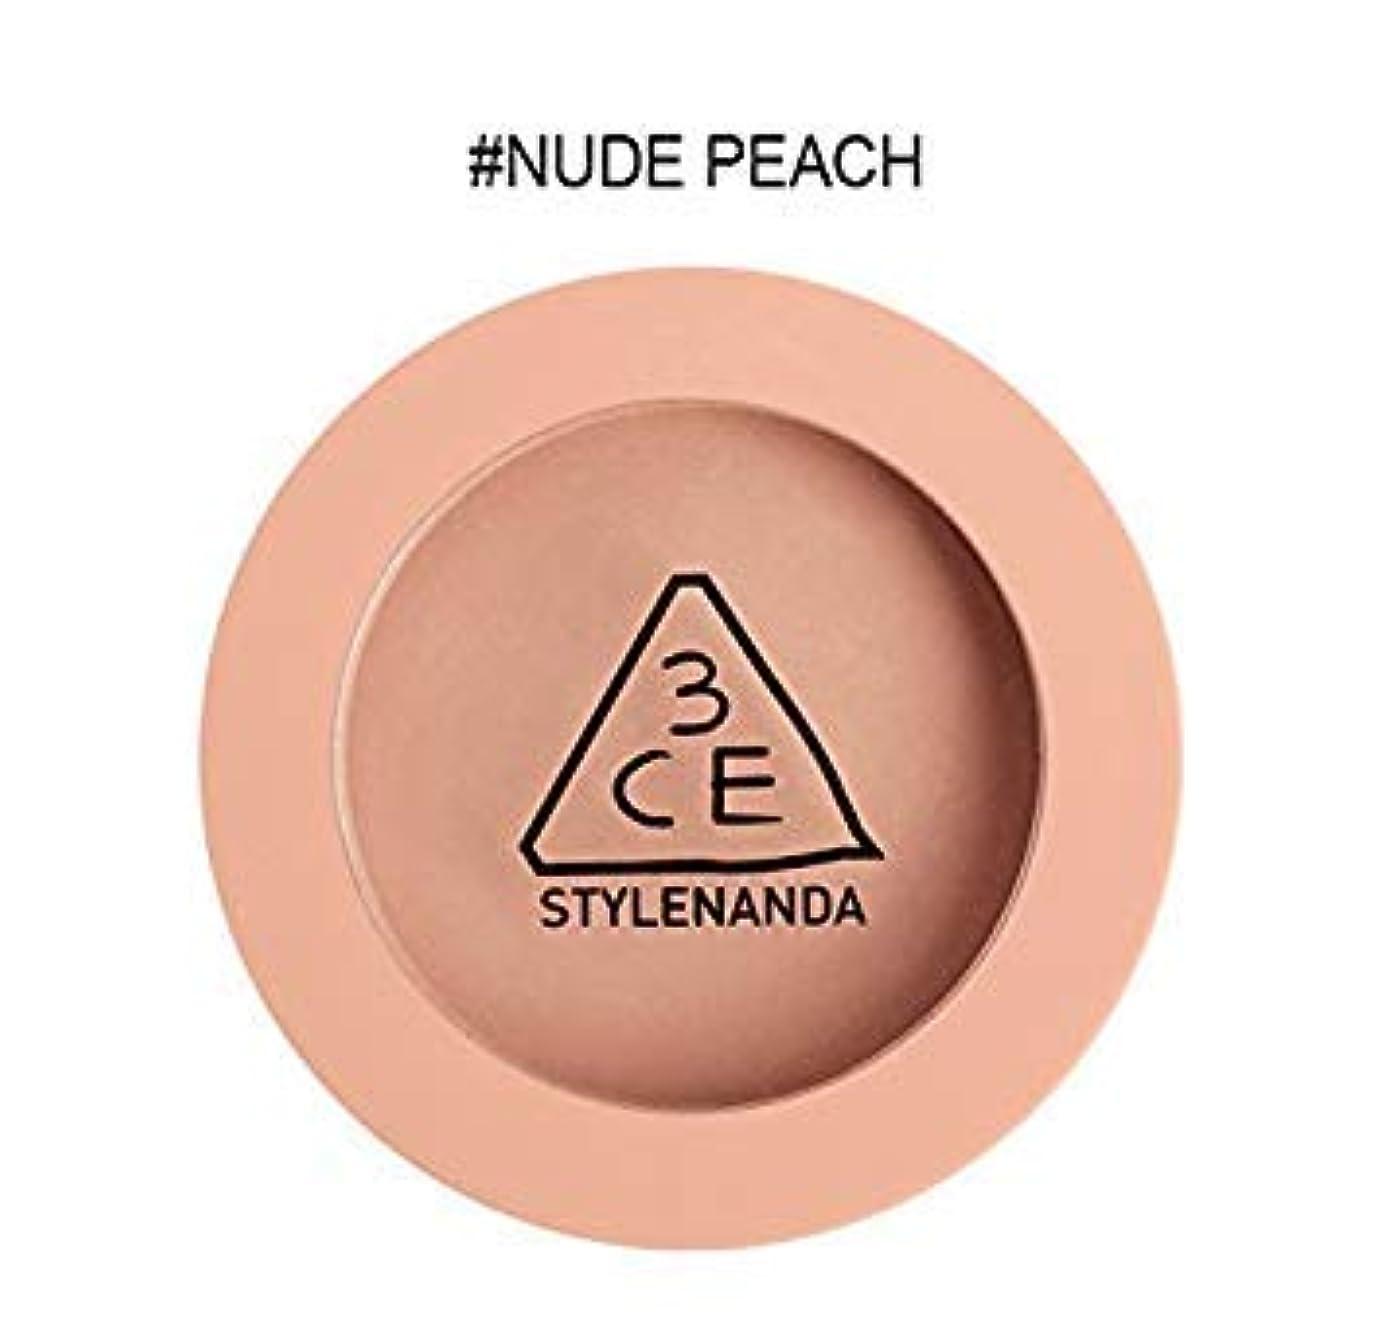 細部ようこそ補償3CE ムードレシピ フェイス ブラッシュ (チーク) / Mood Recipe Face Blush (ヌードピーチ(Nude Peach)) [並行輸入品]